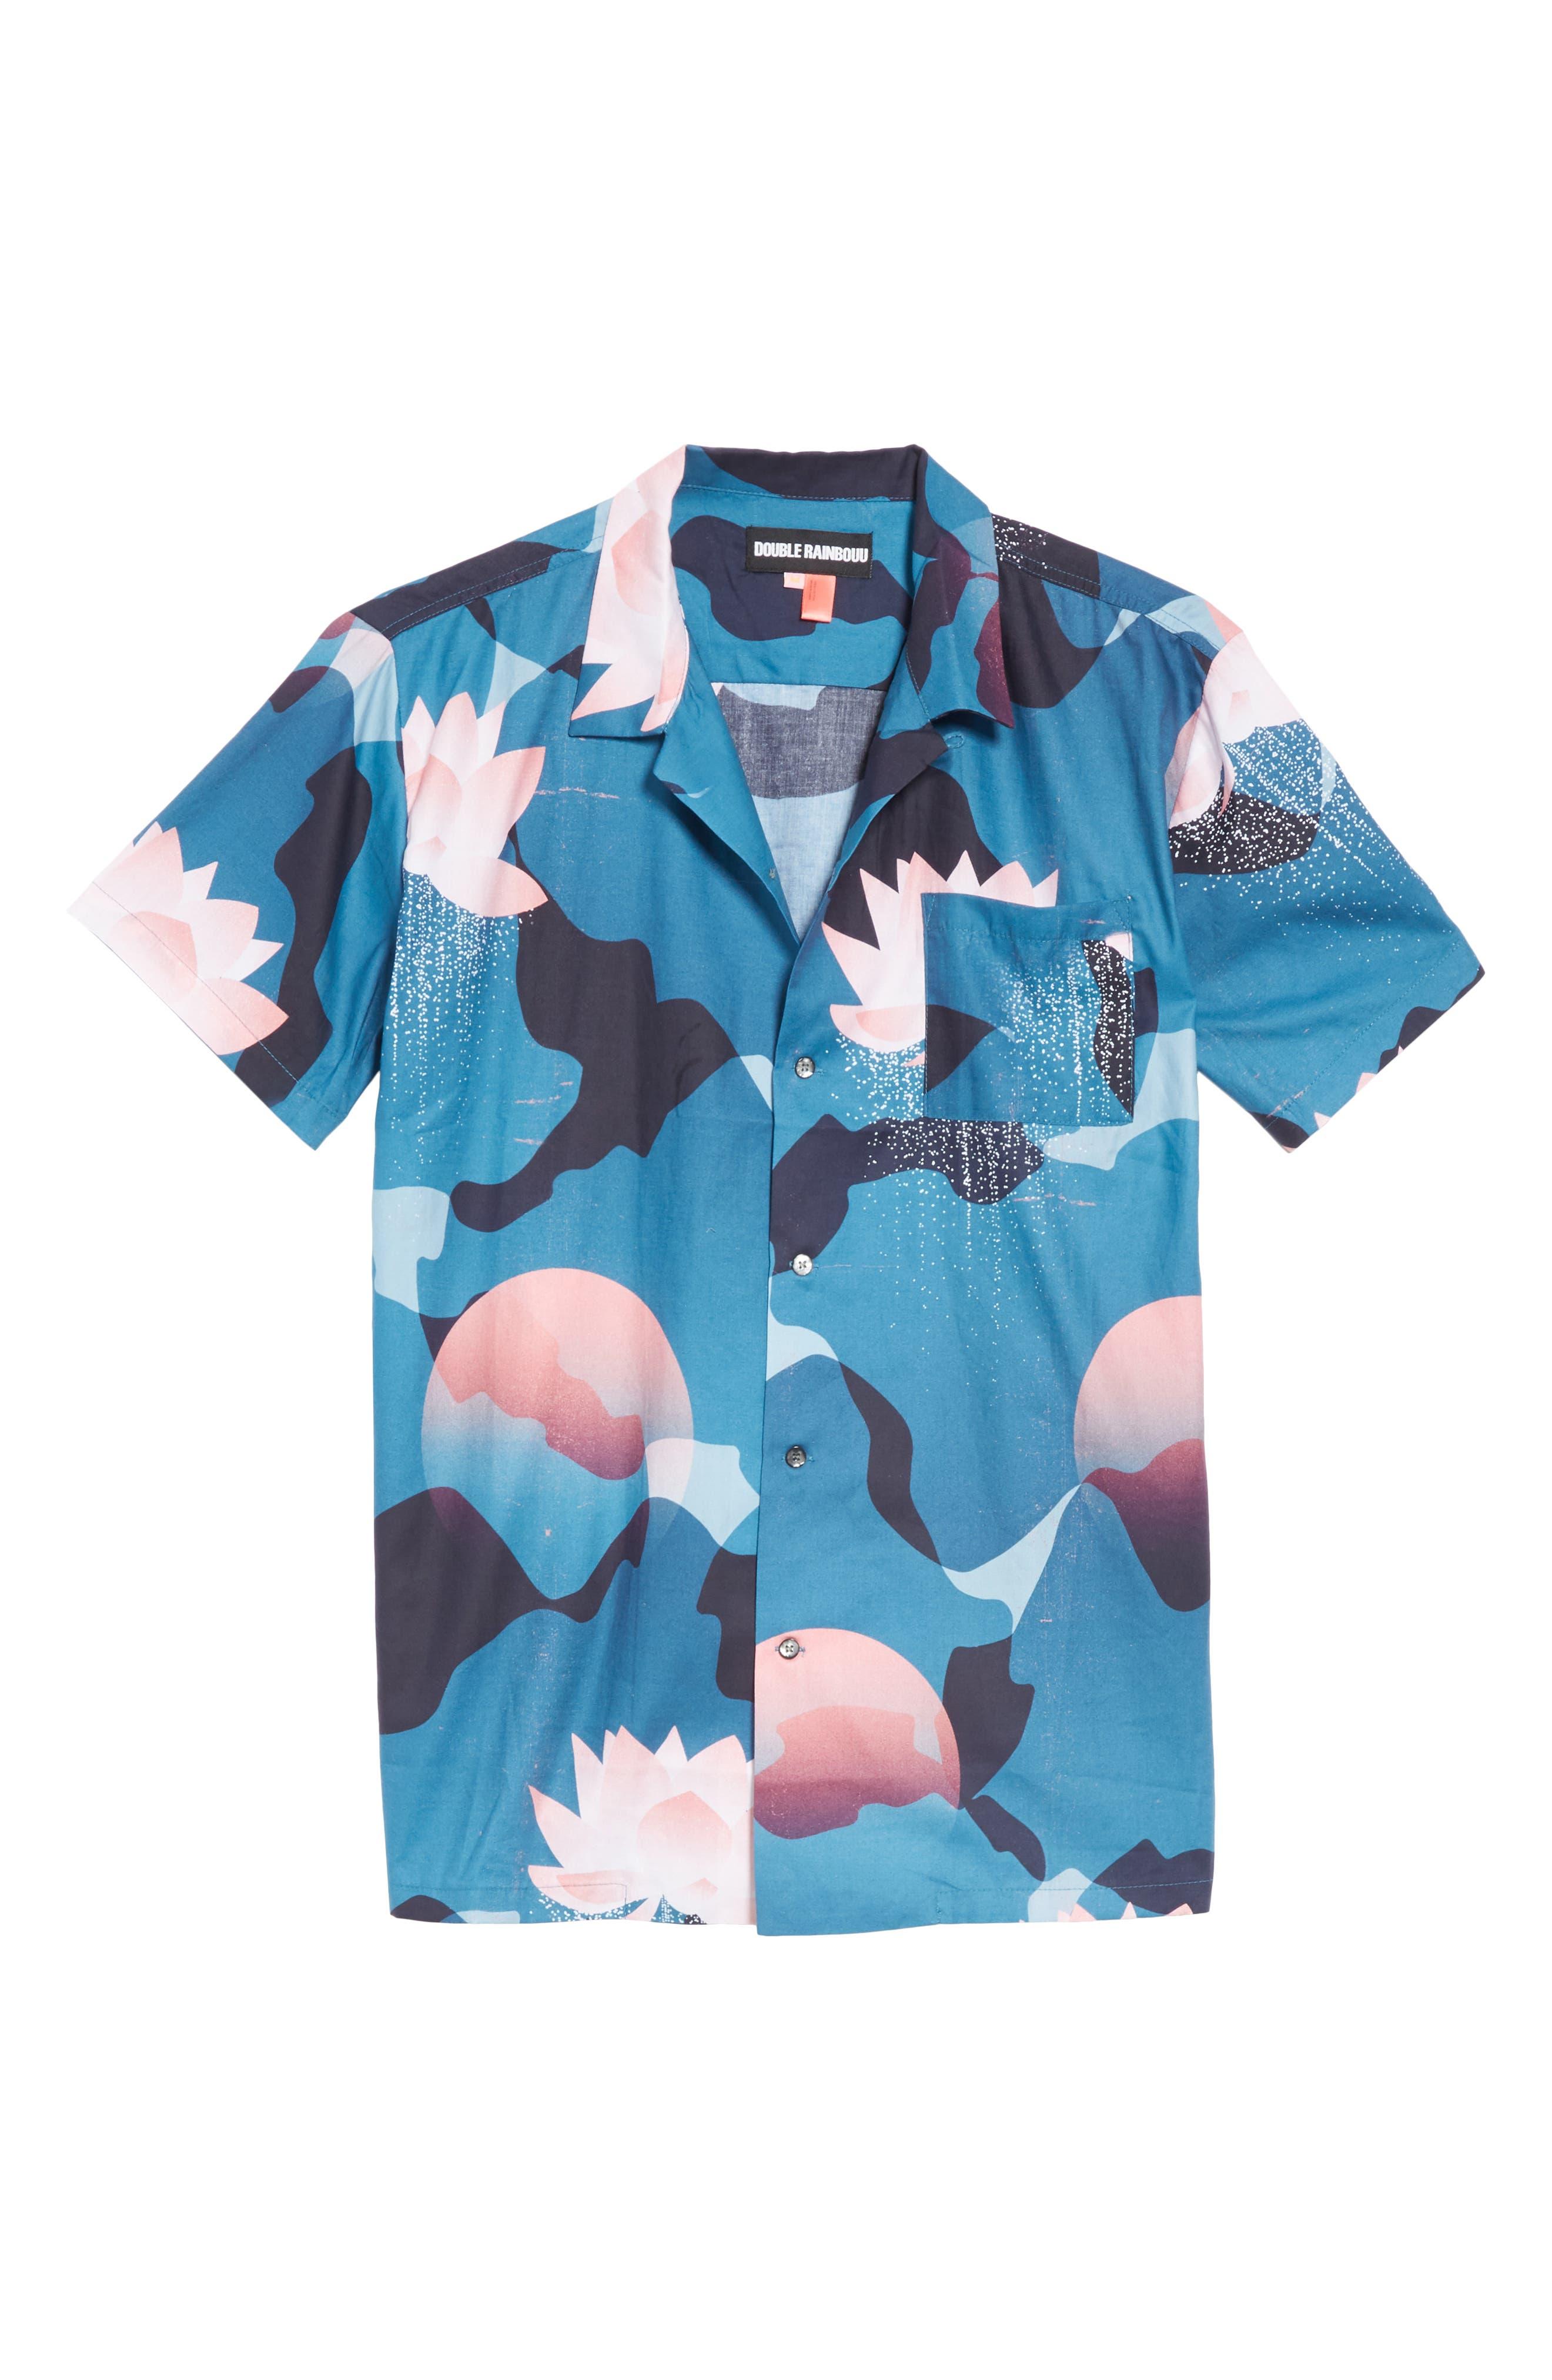 Kyoto Song Camp Shirt,                             Alternate thumbnail 6, color,                             BLUE